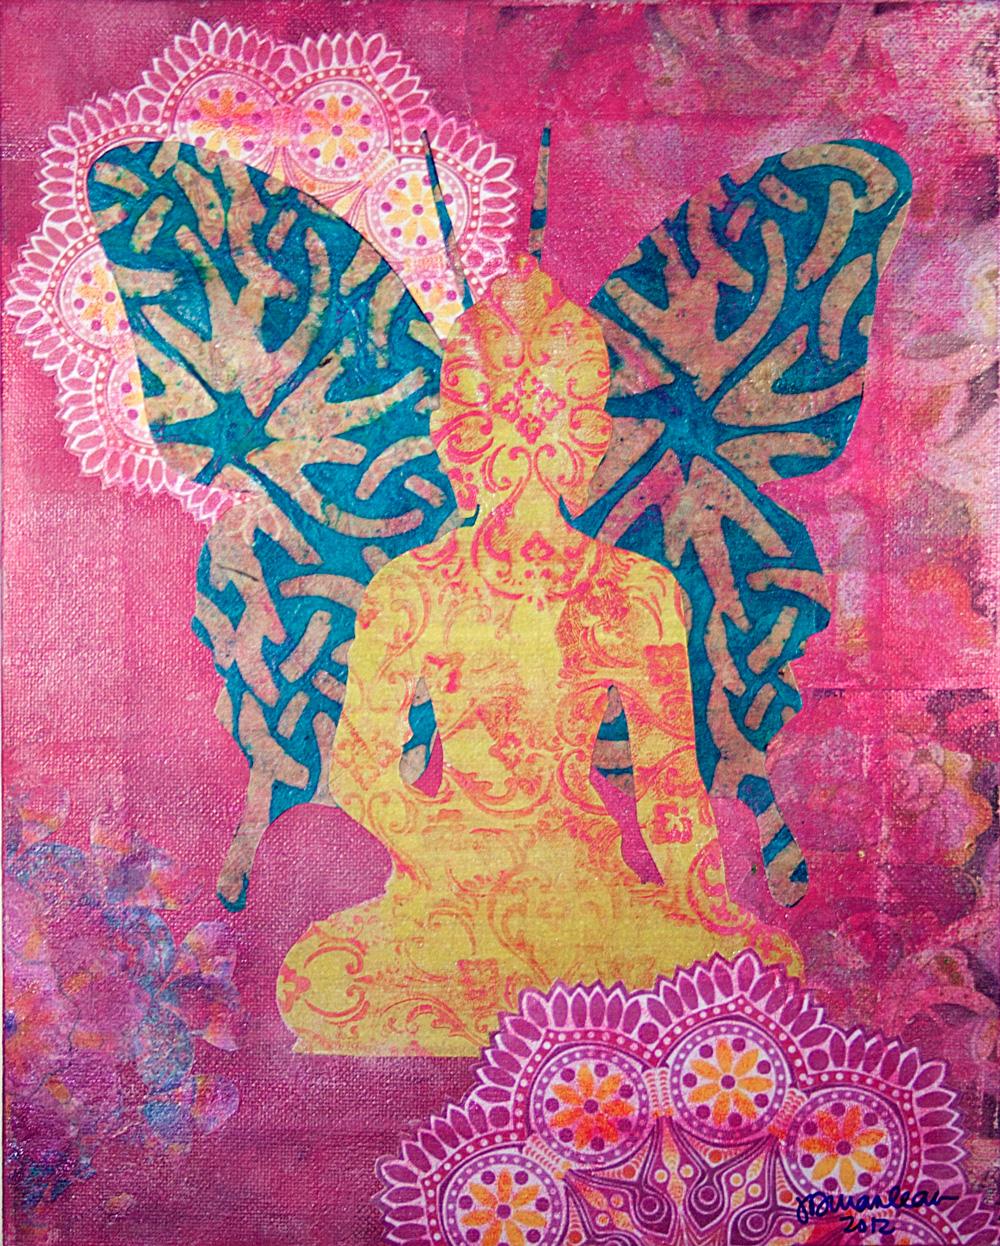 Transforming Buddha